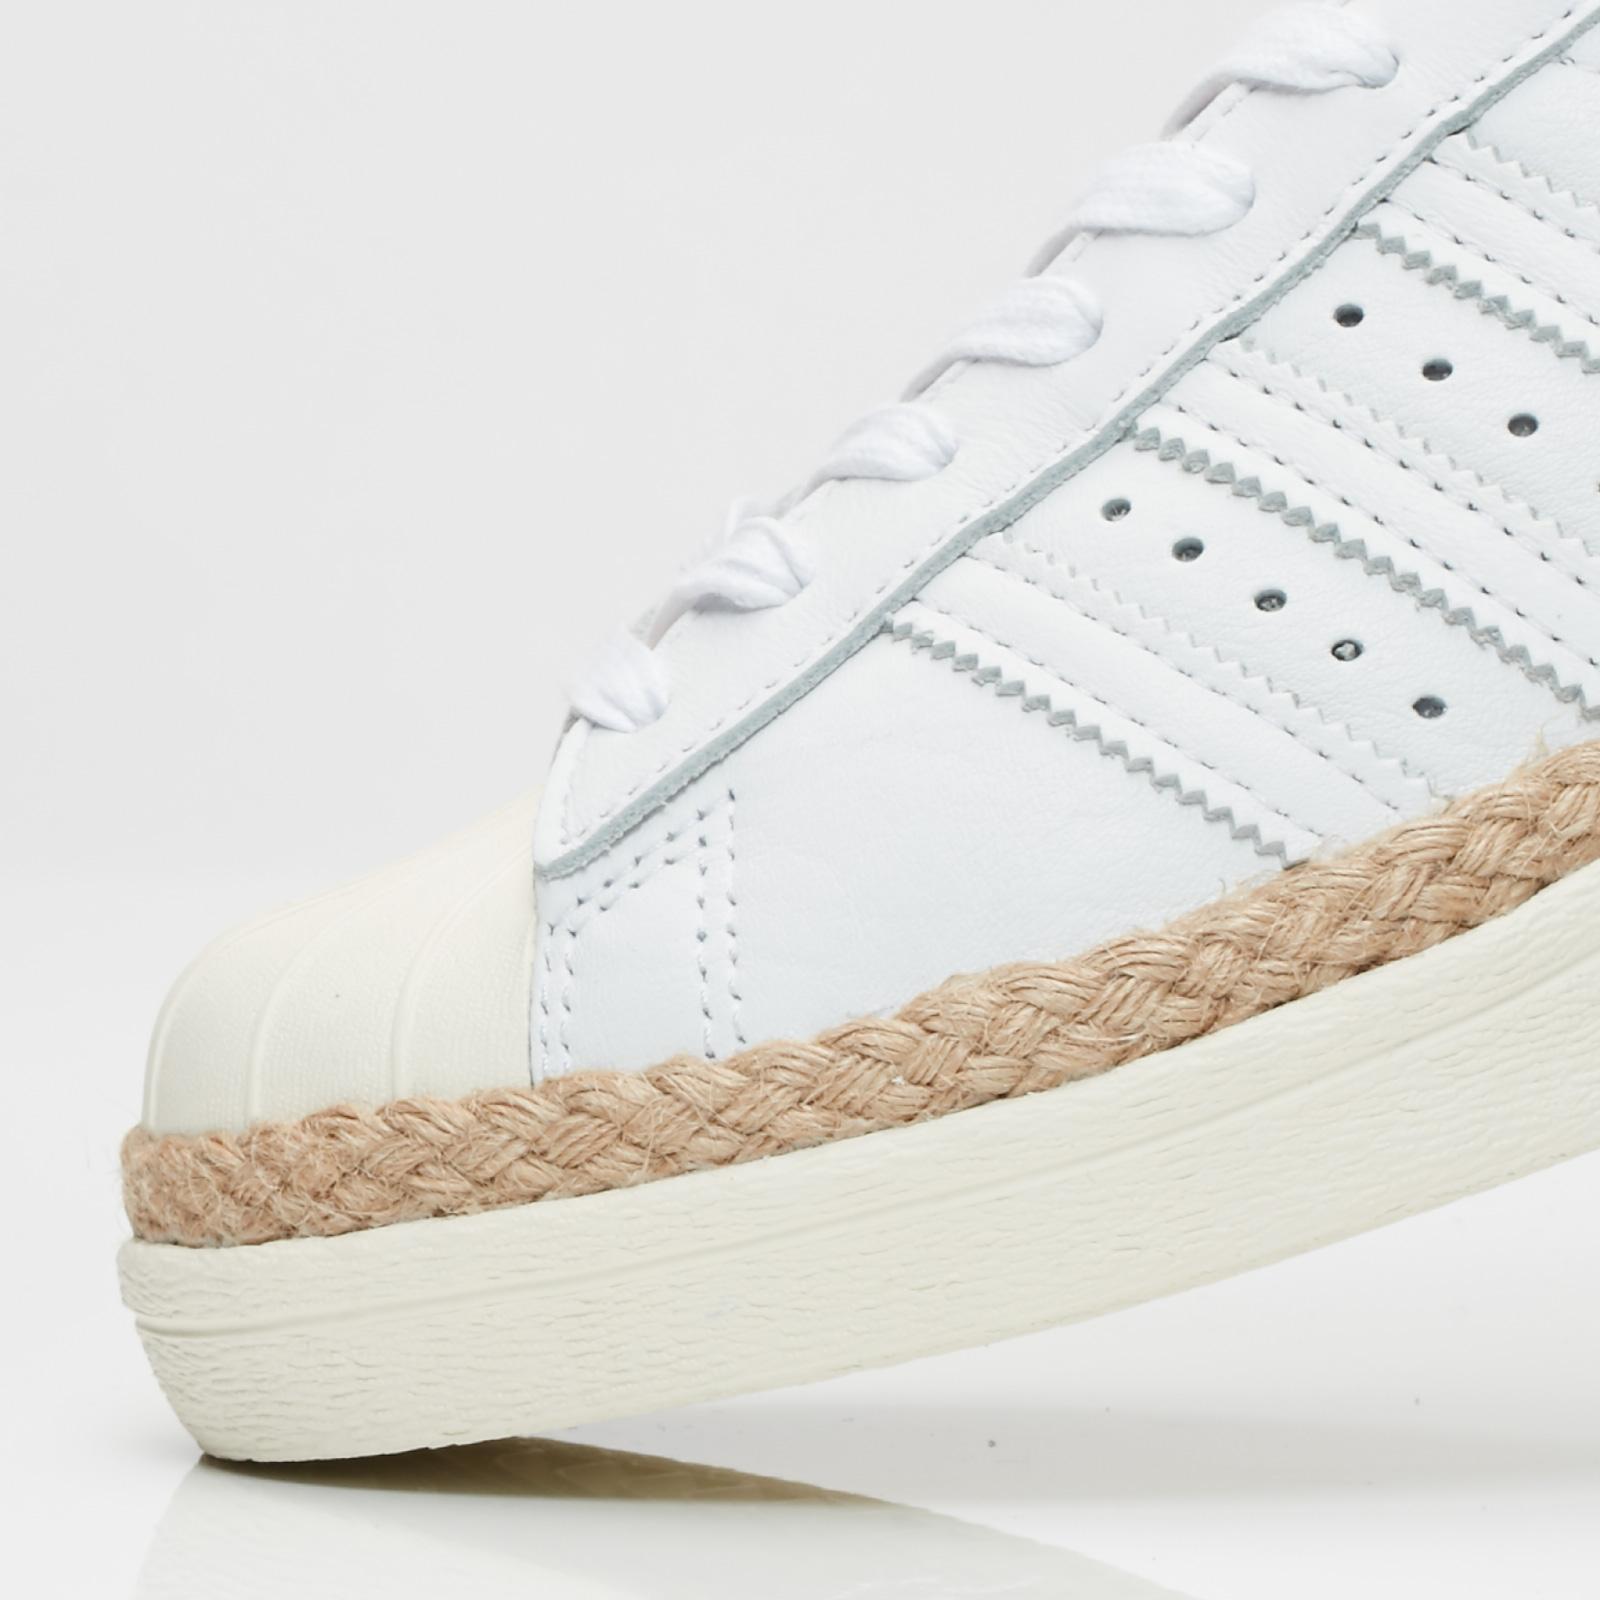 a5998a6bb604 adidas Superstar 80s New Bold Womens - Da9573 - Sneakersnstuff ...